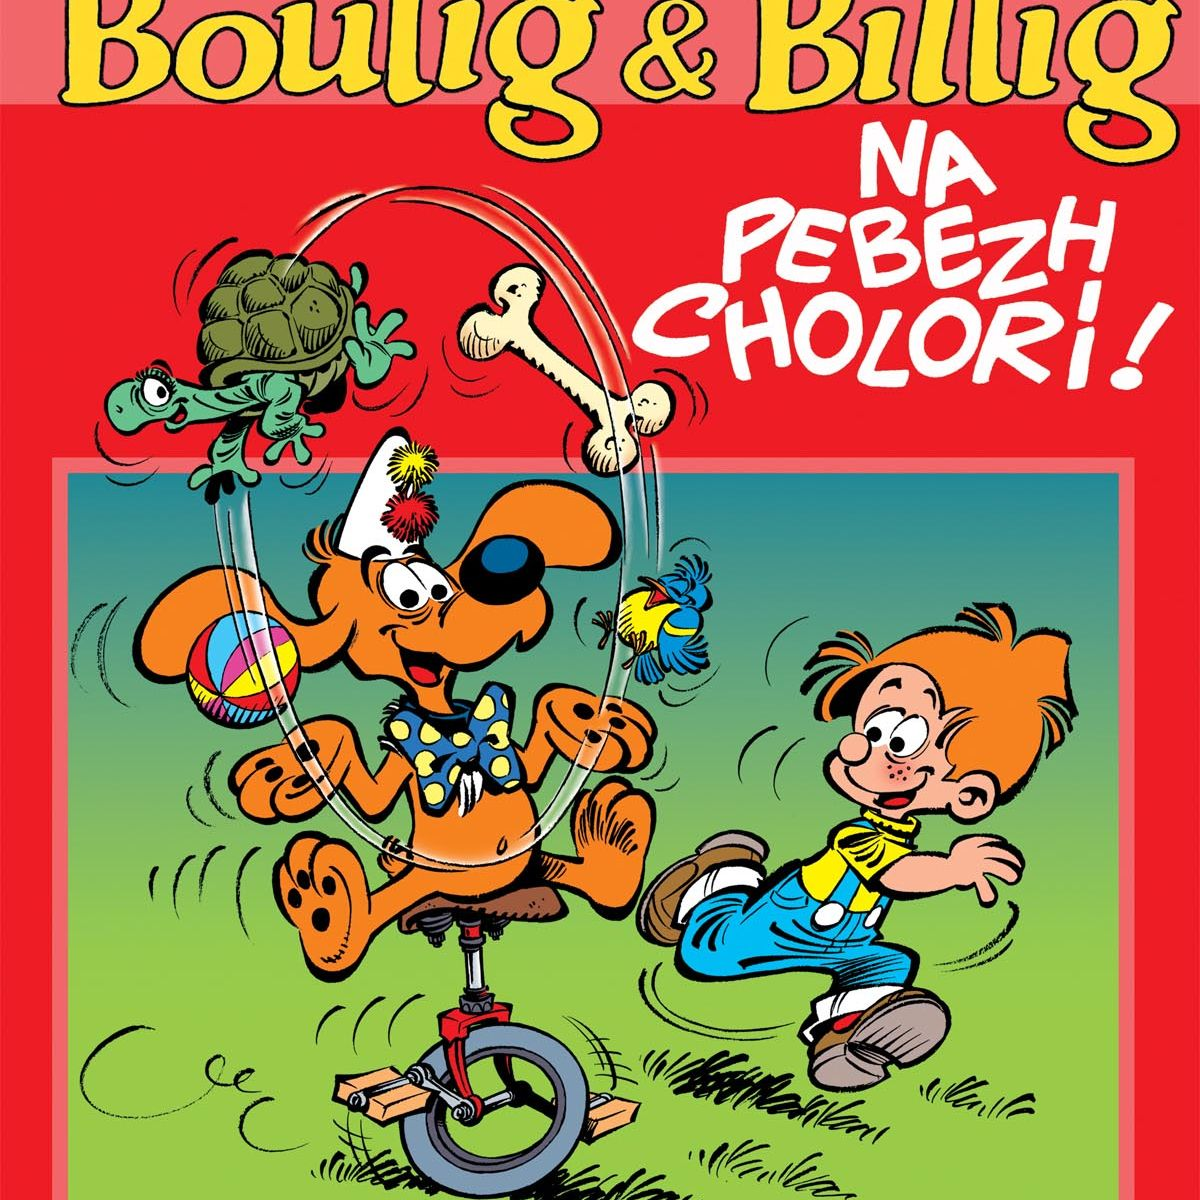 Boulig & Billig : Na pebezh cholori !